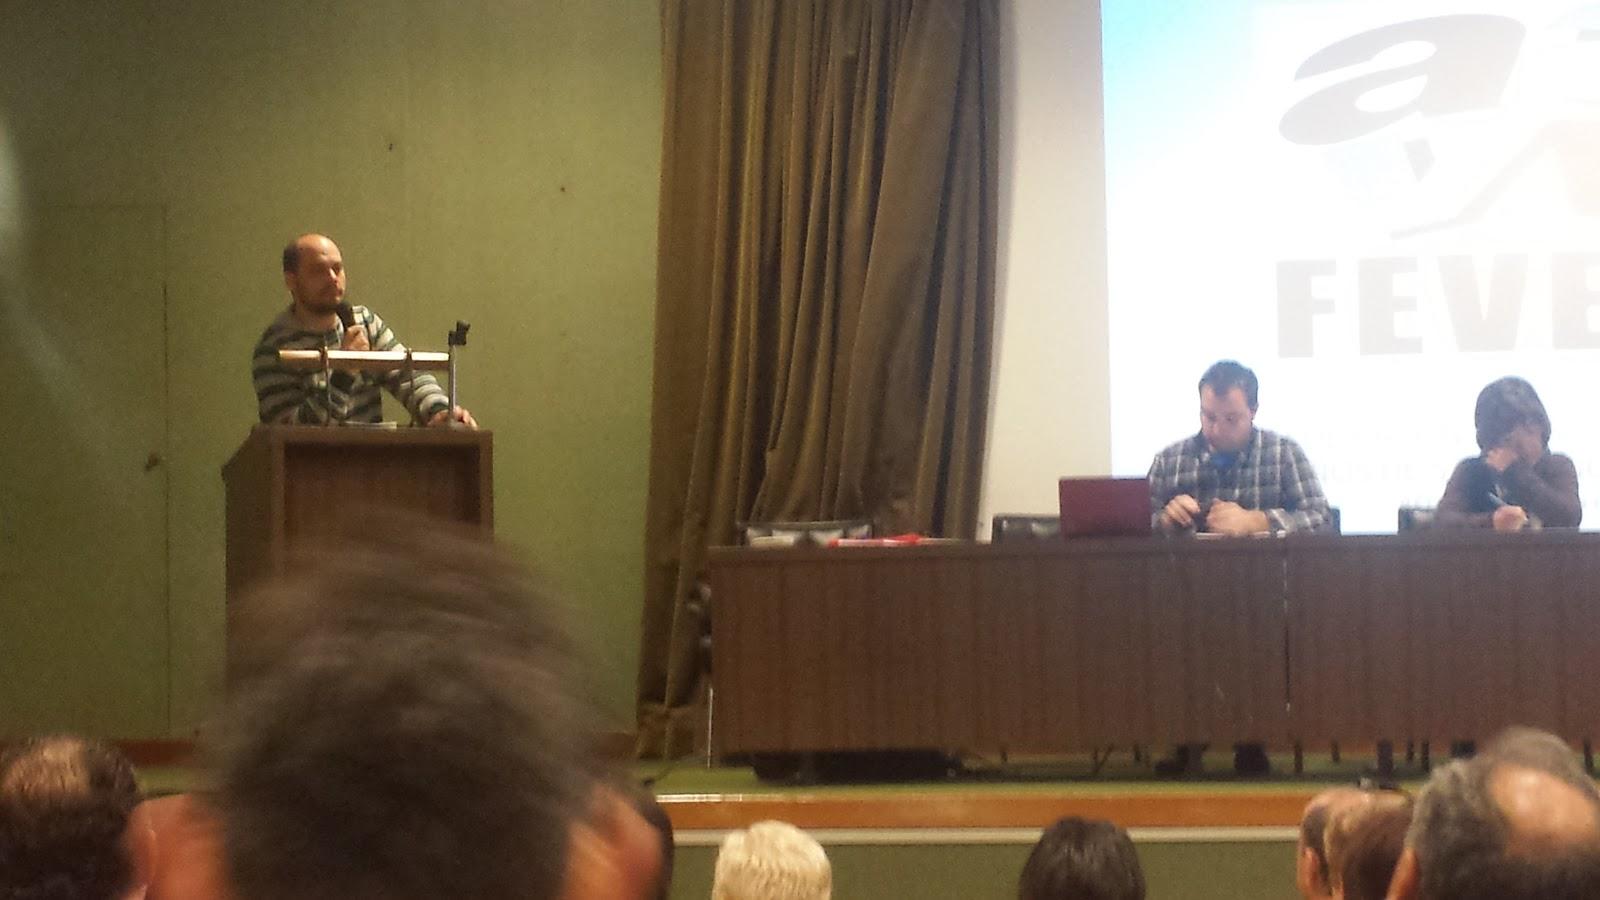 Jose Maria collados duranteuna de susintervenciones en la asamblea FEVESA 2014 en Béjar